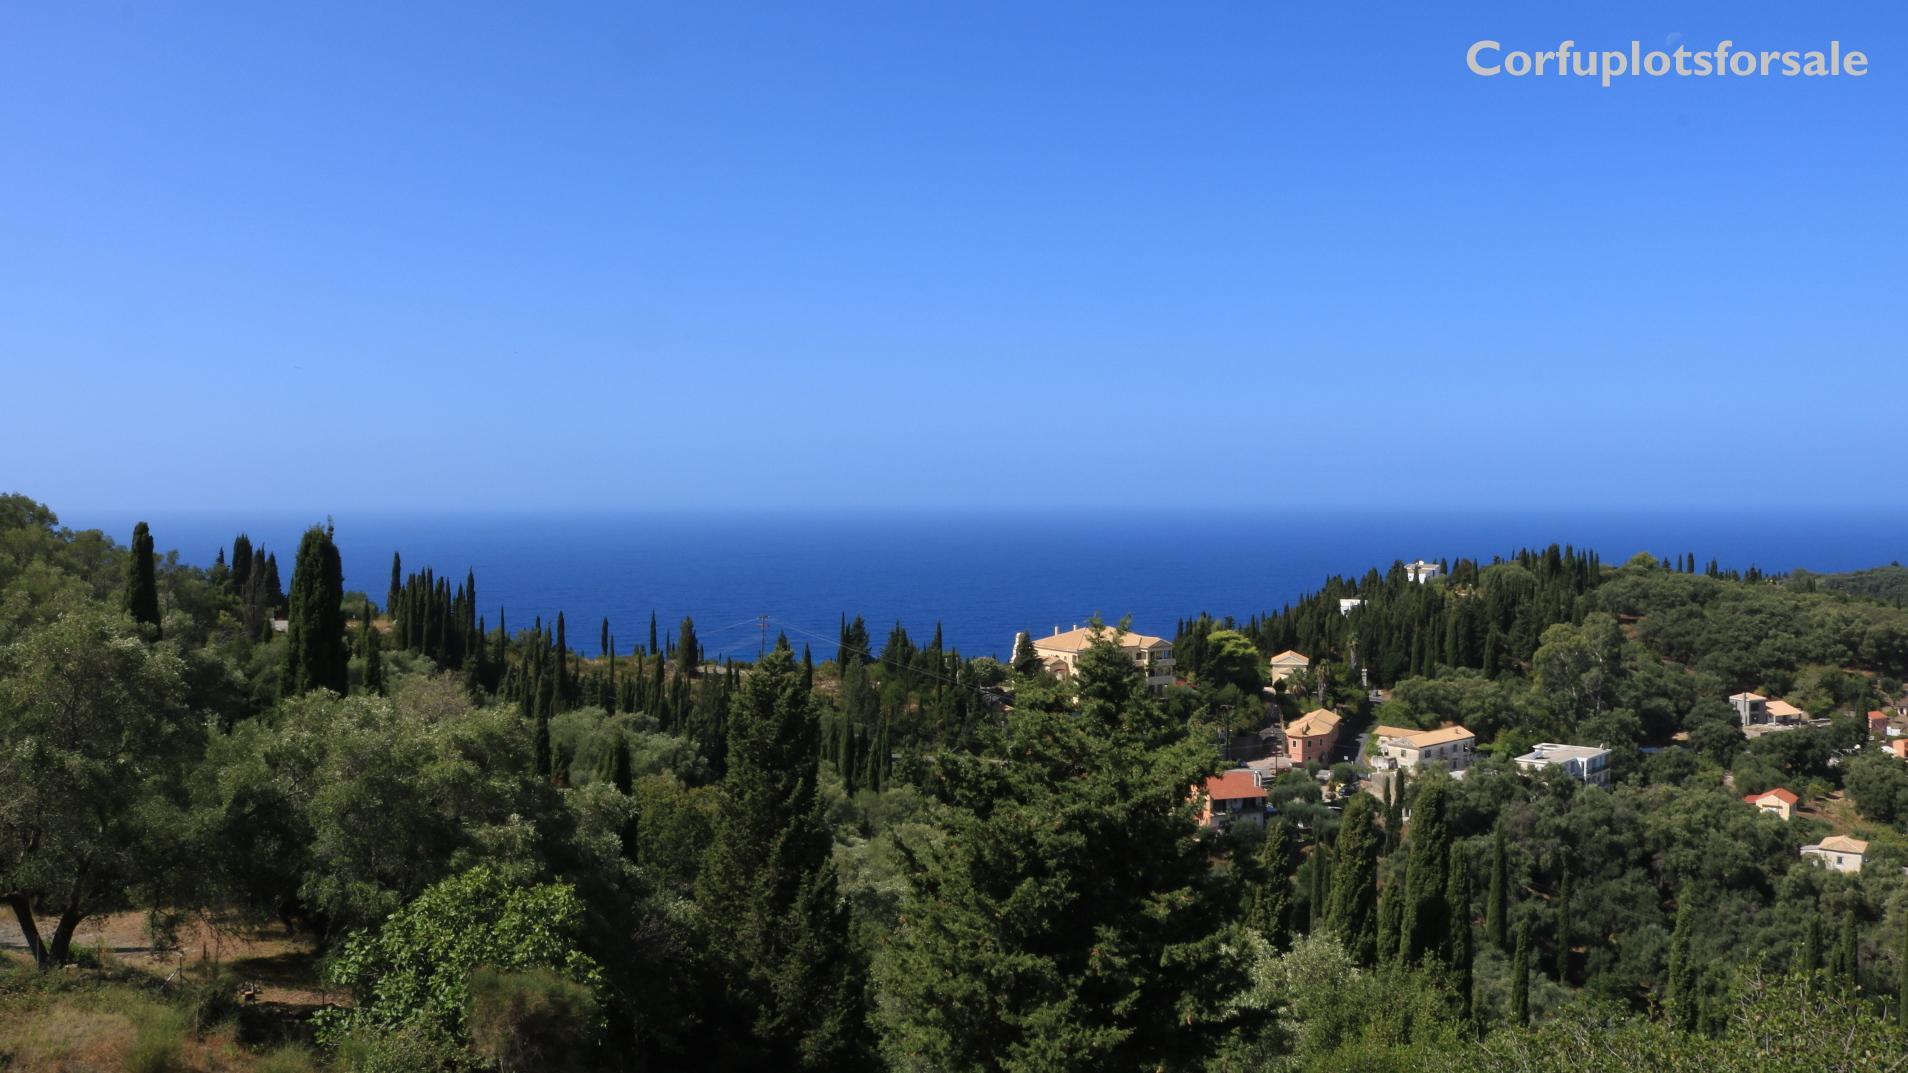 Plot in Kamara, Corfu (amazing view of the island)